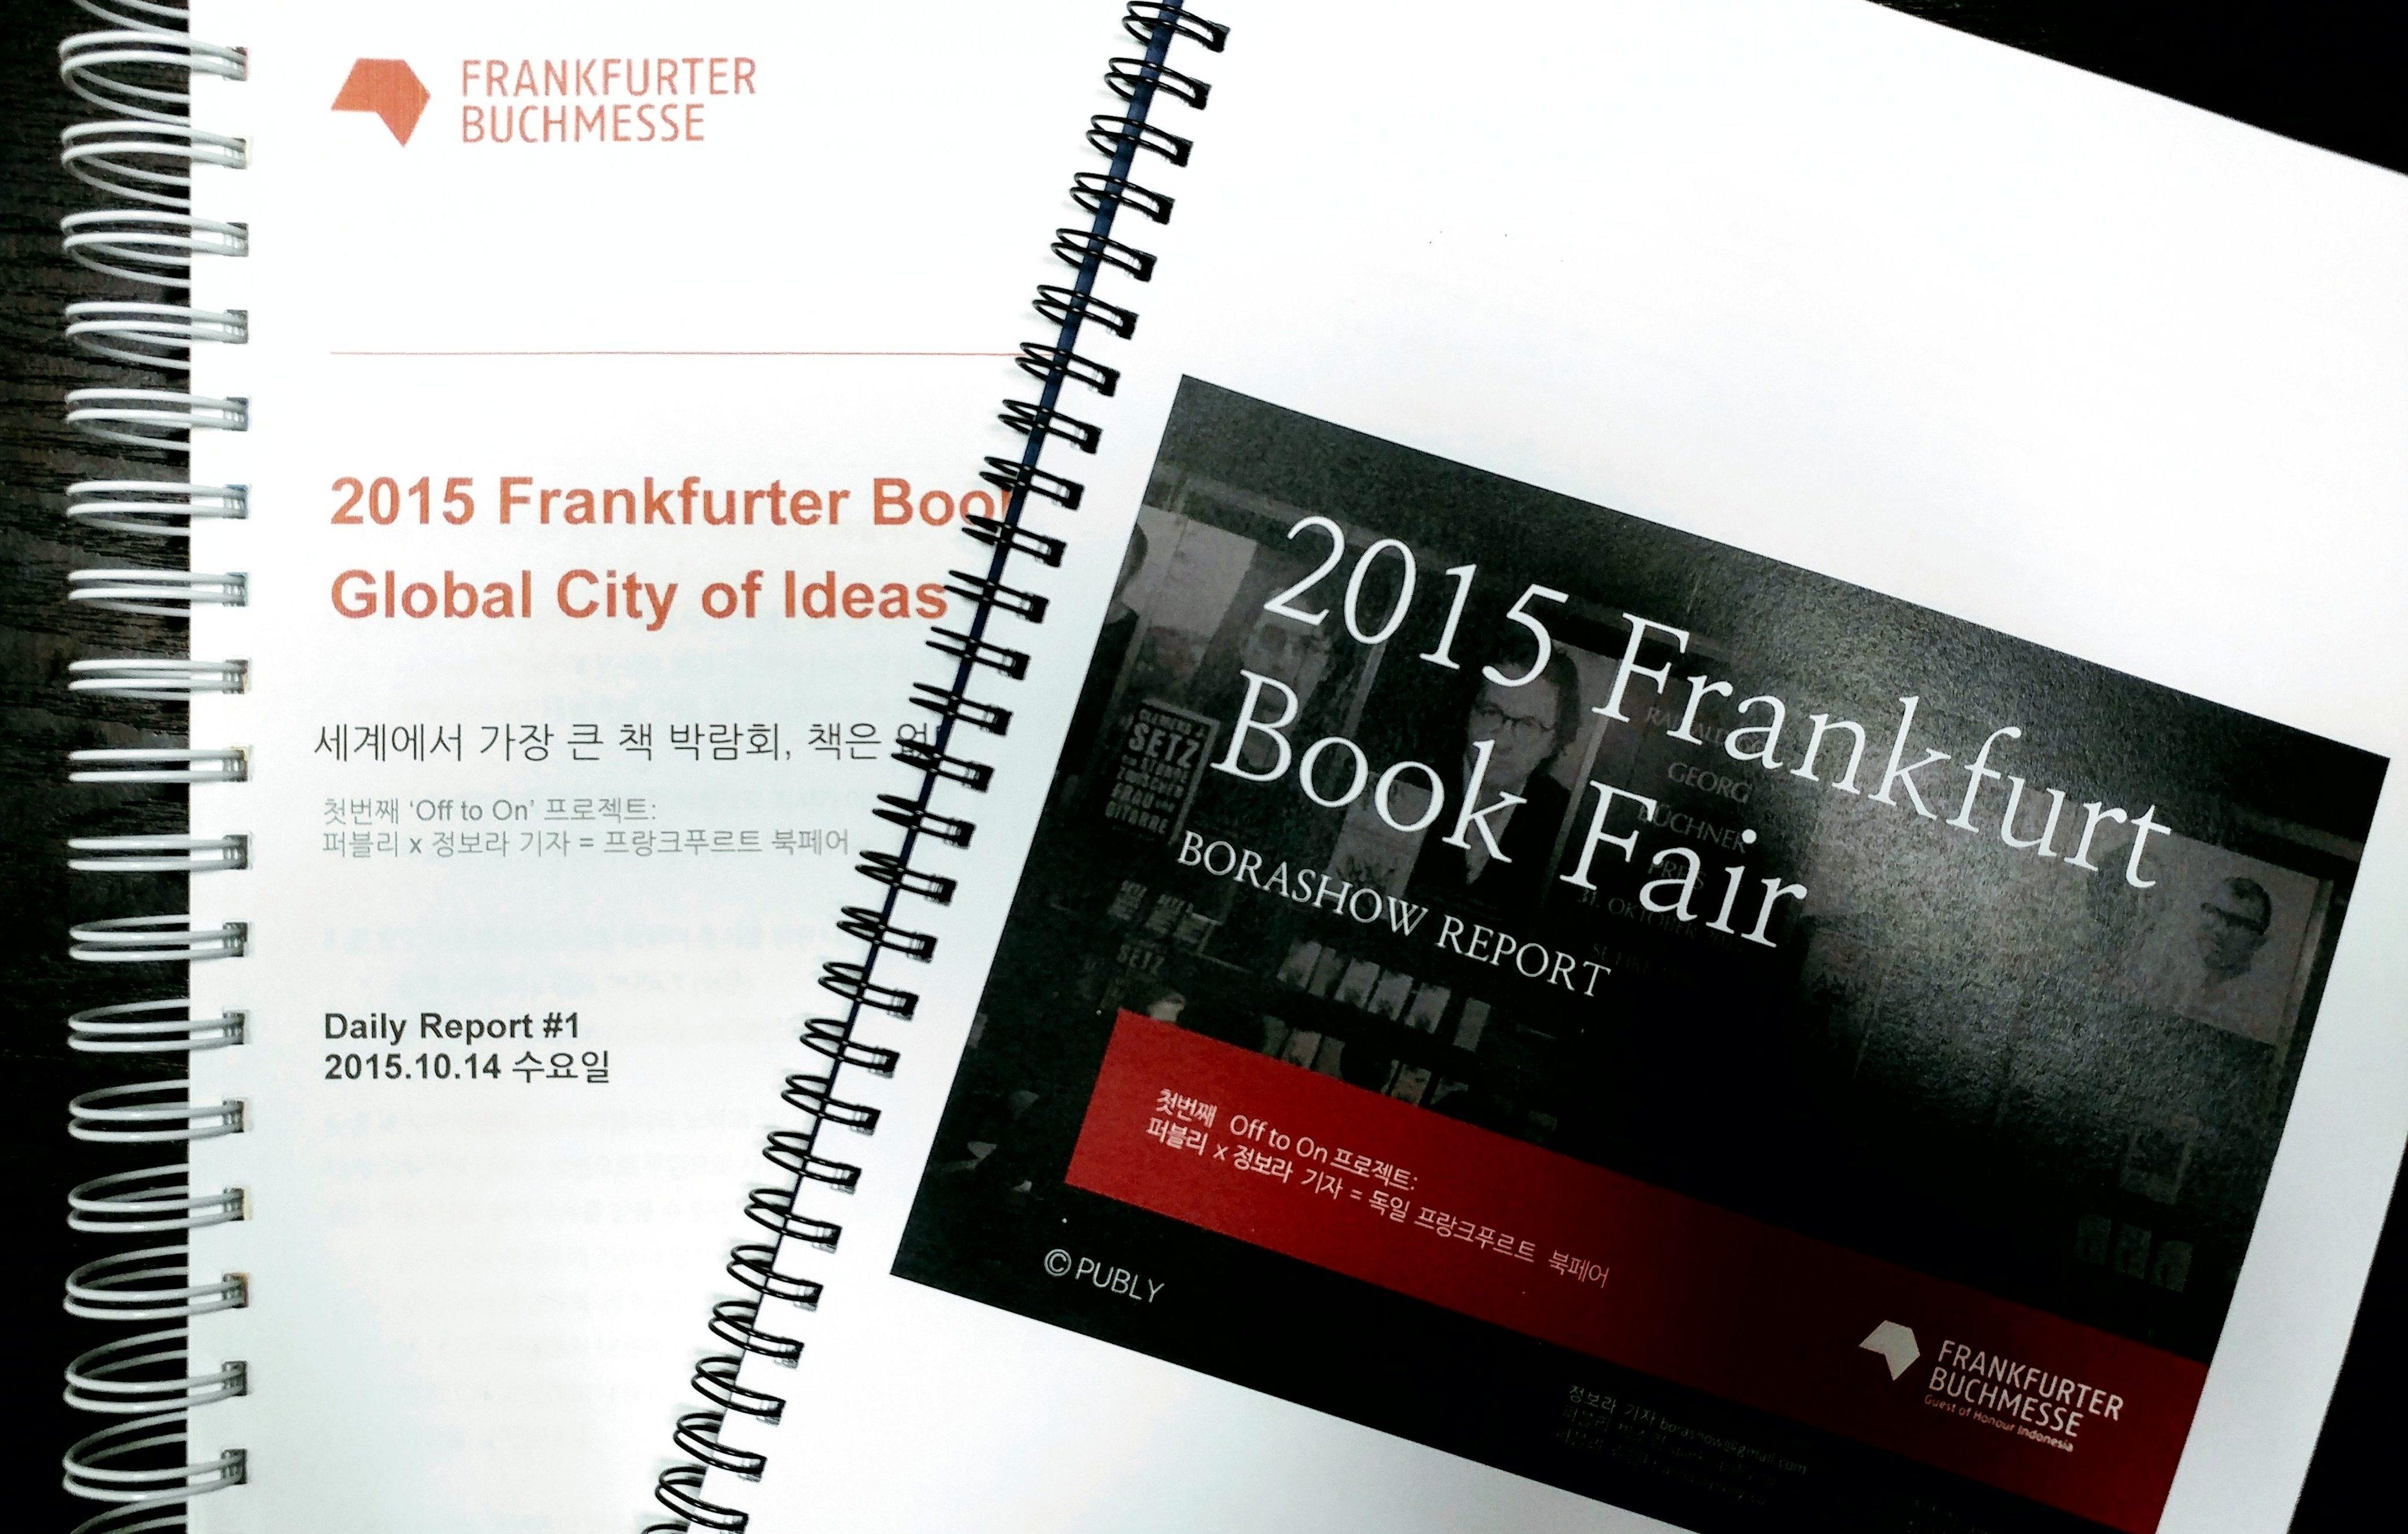 2015년 프랑크푸르트 북페어 리포트의 제본 실물 ⓒPUBLY